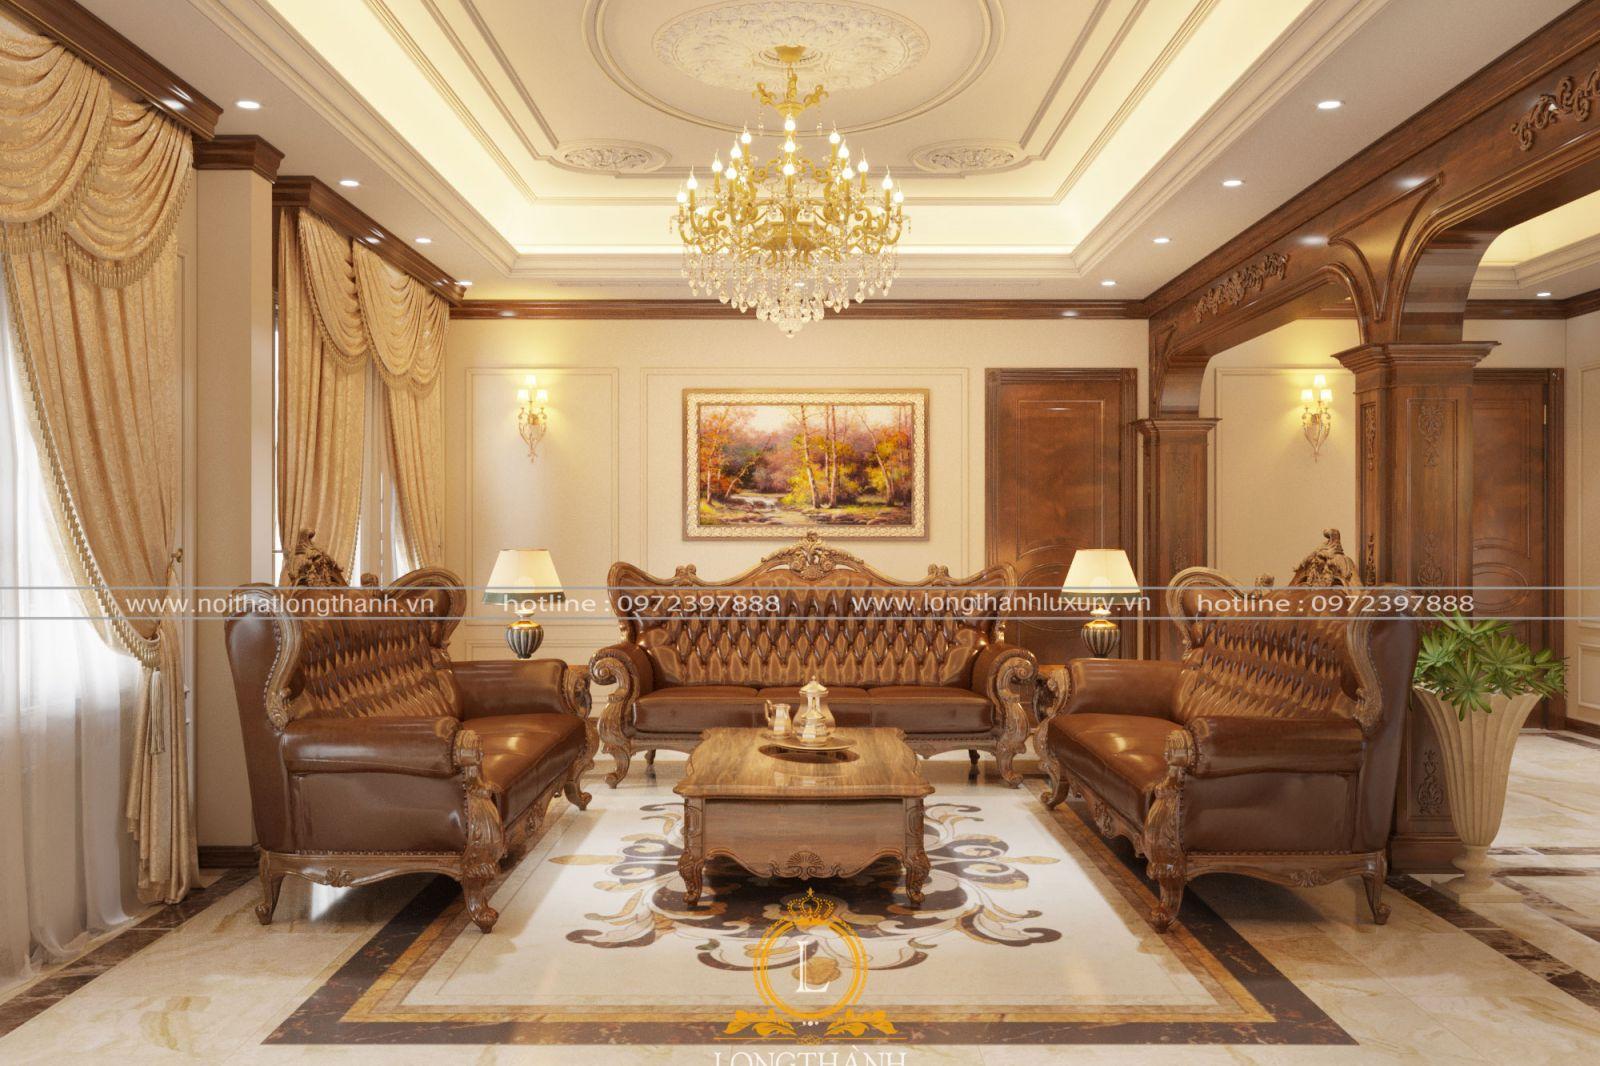 Trang trí nội thất phòng khách biệt thự đẹp LT12